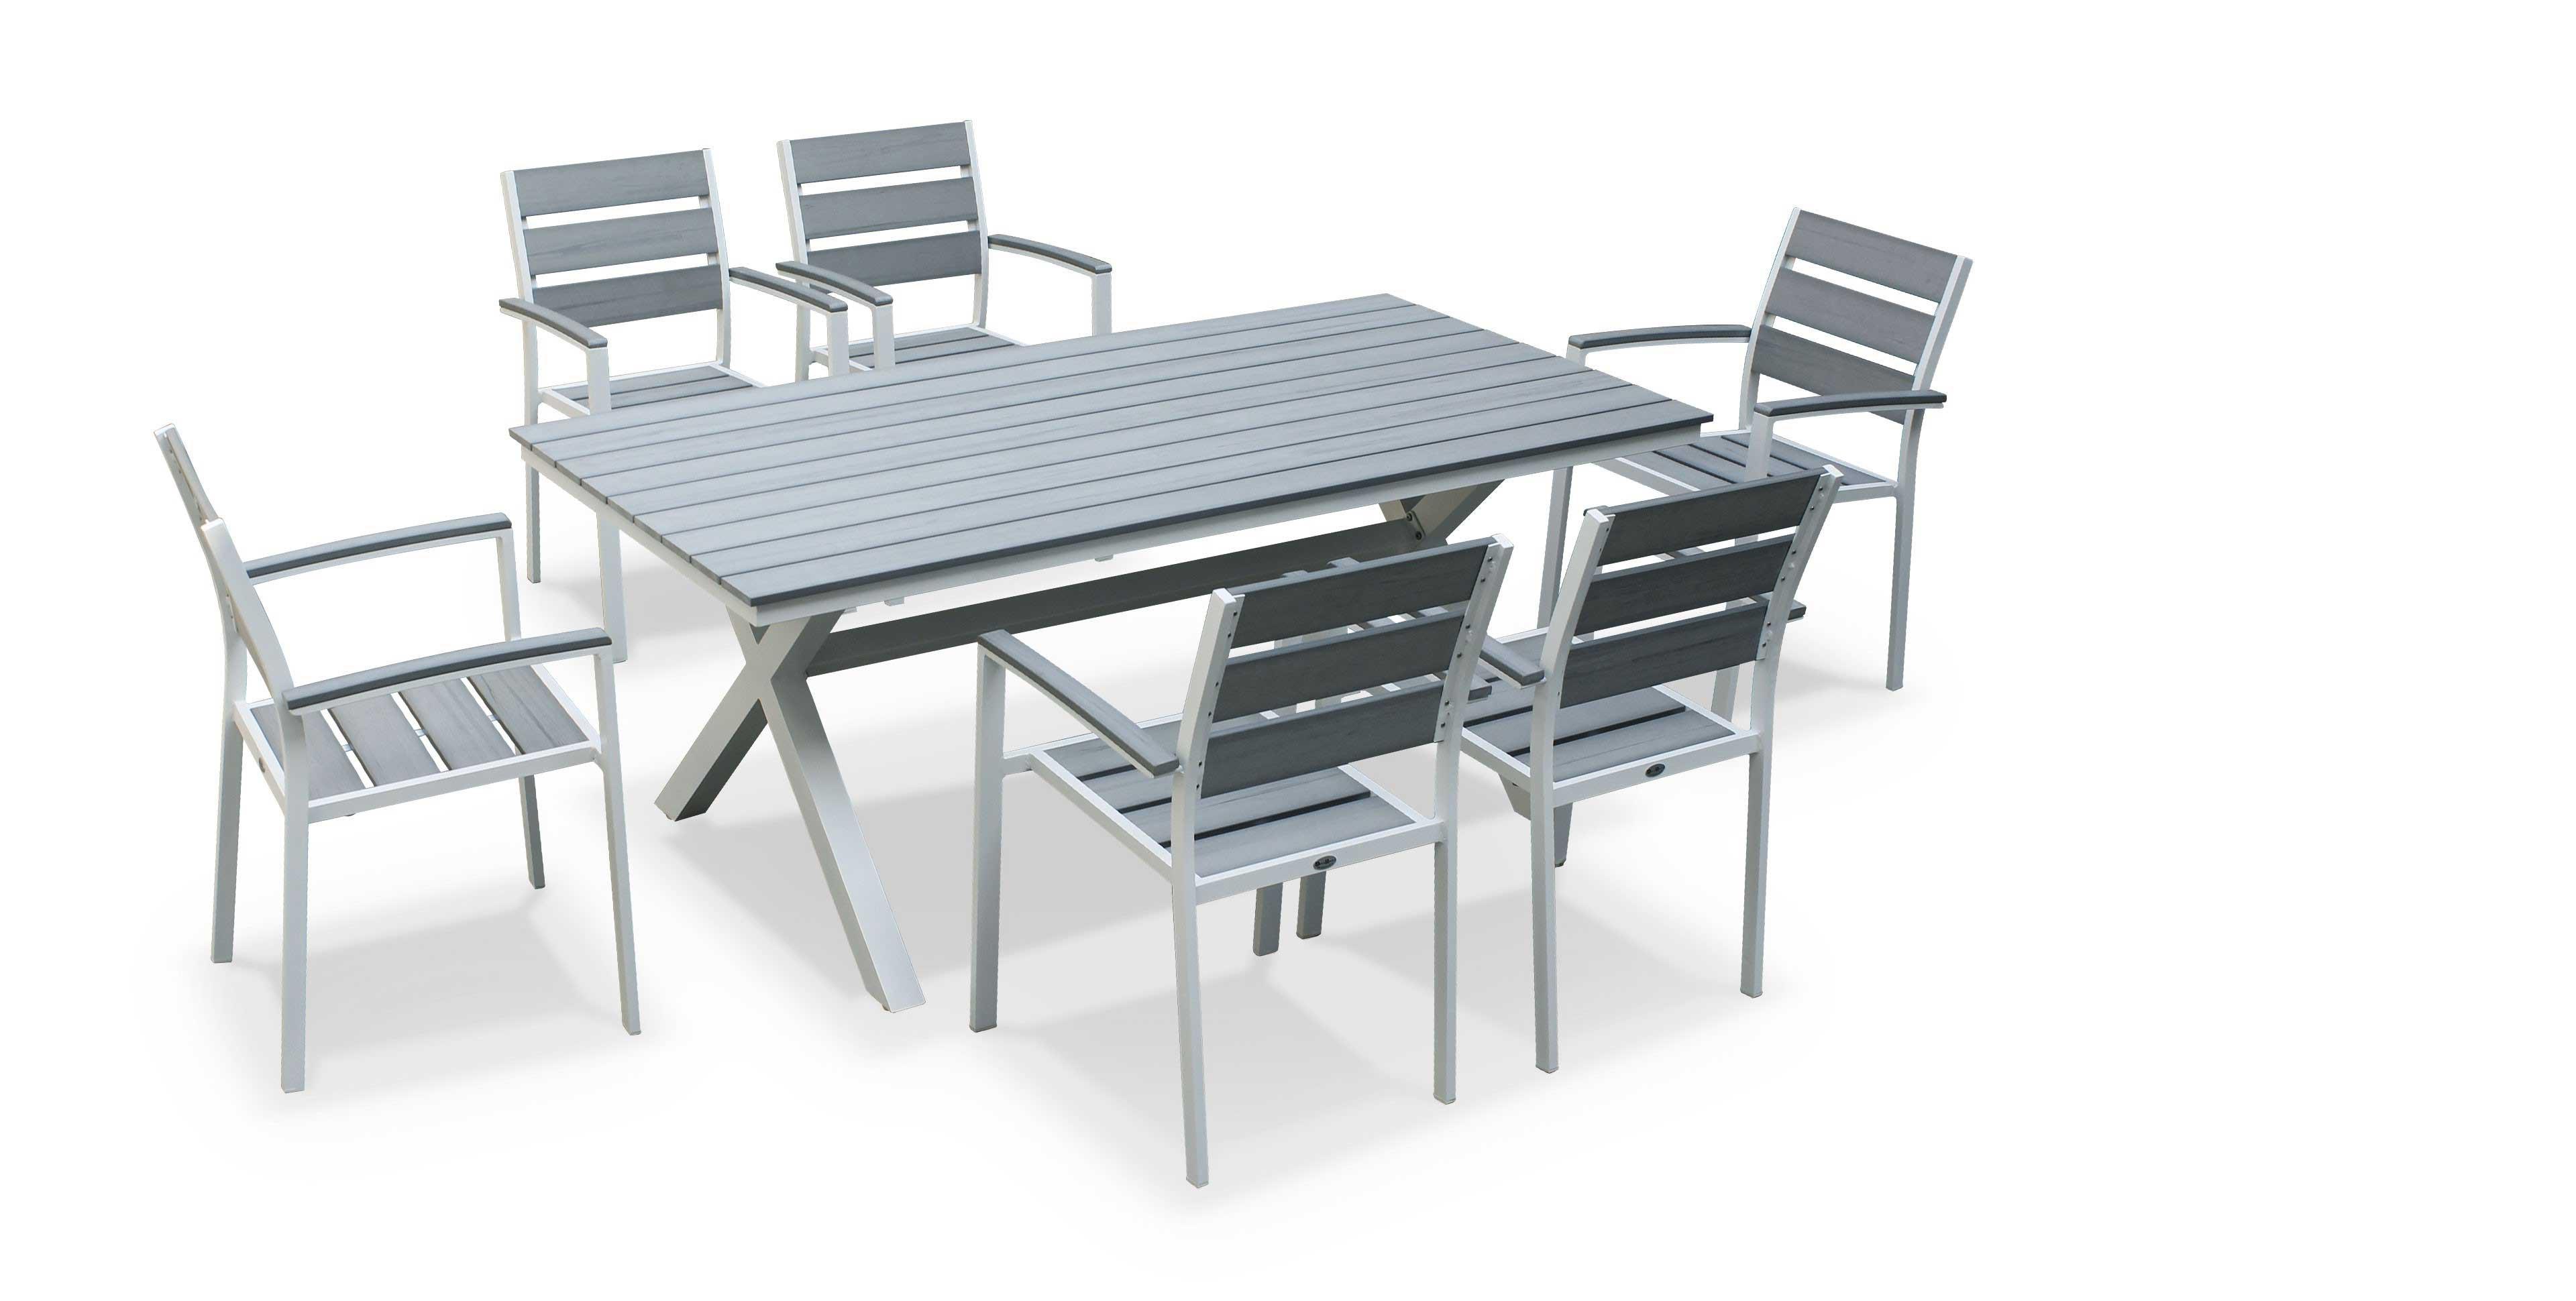 Salon de jardin alu textilène 6 places gris florence - Mobilier de ...